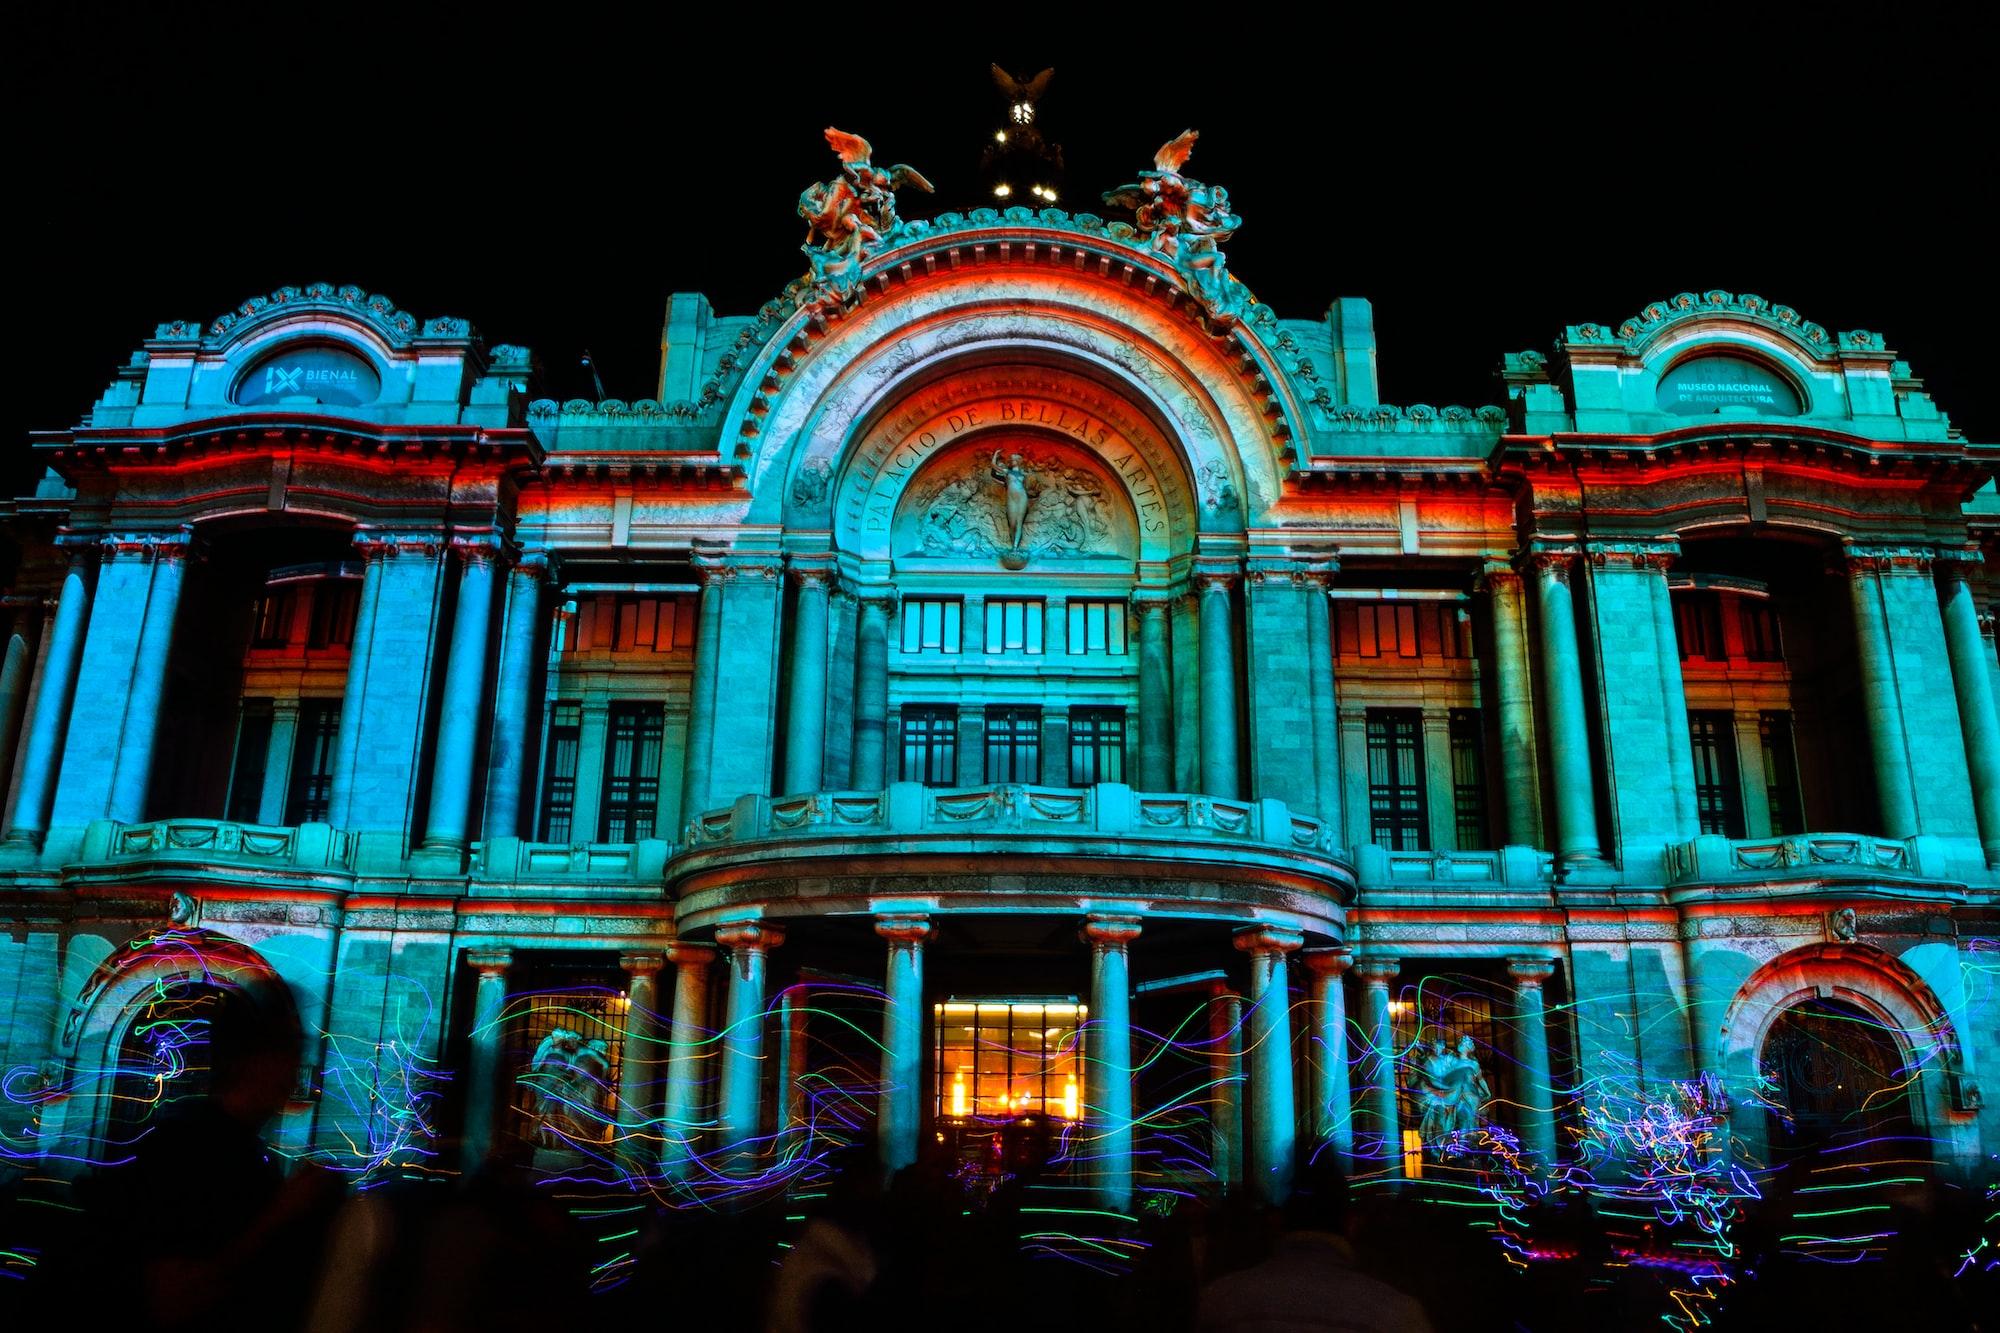 Palacio de Bellas Artes Mapping